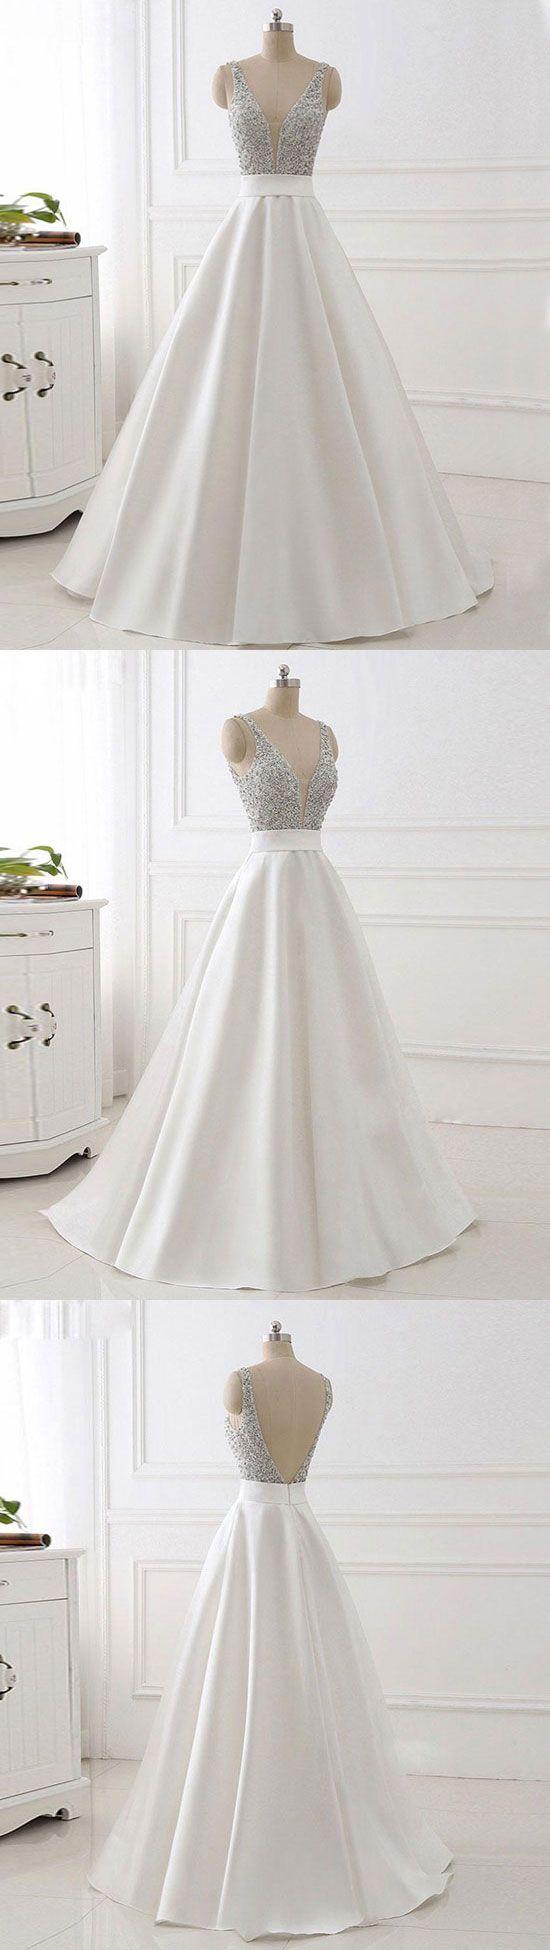 White v neck beads sequin long prom dress white evening dress in